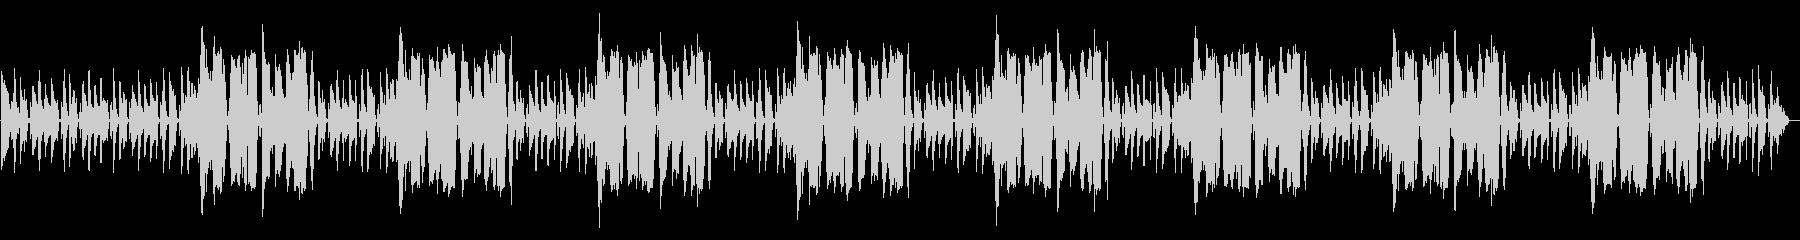 ドラムとベースだけのシンプルなBGMの未再生の波形